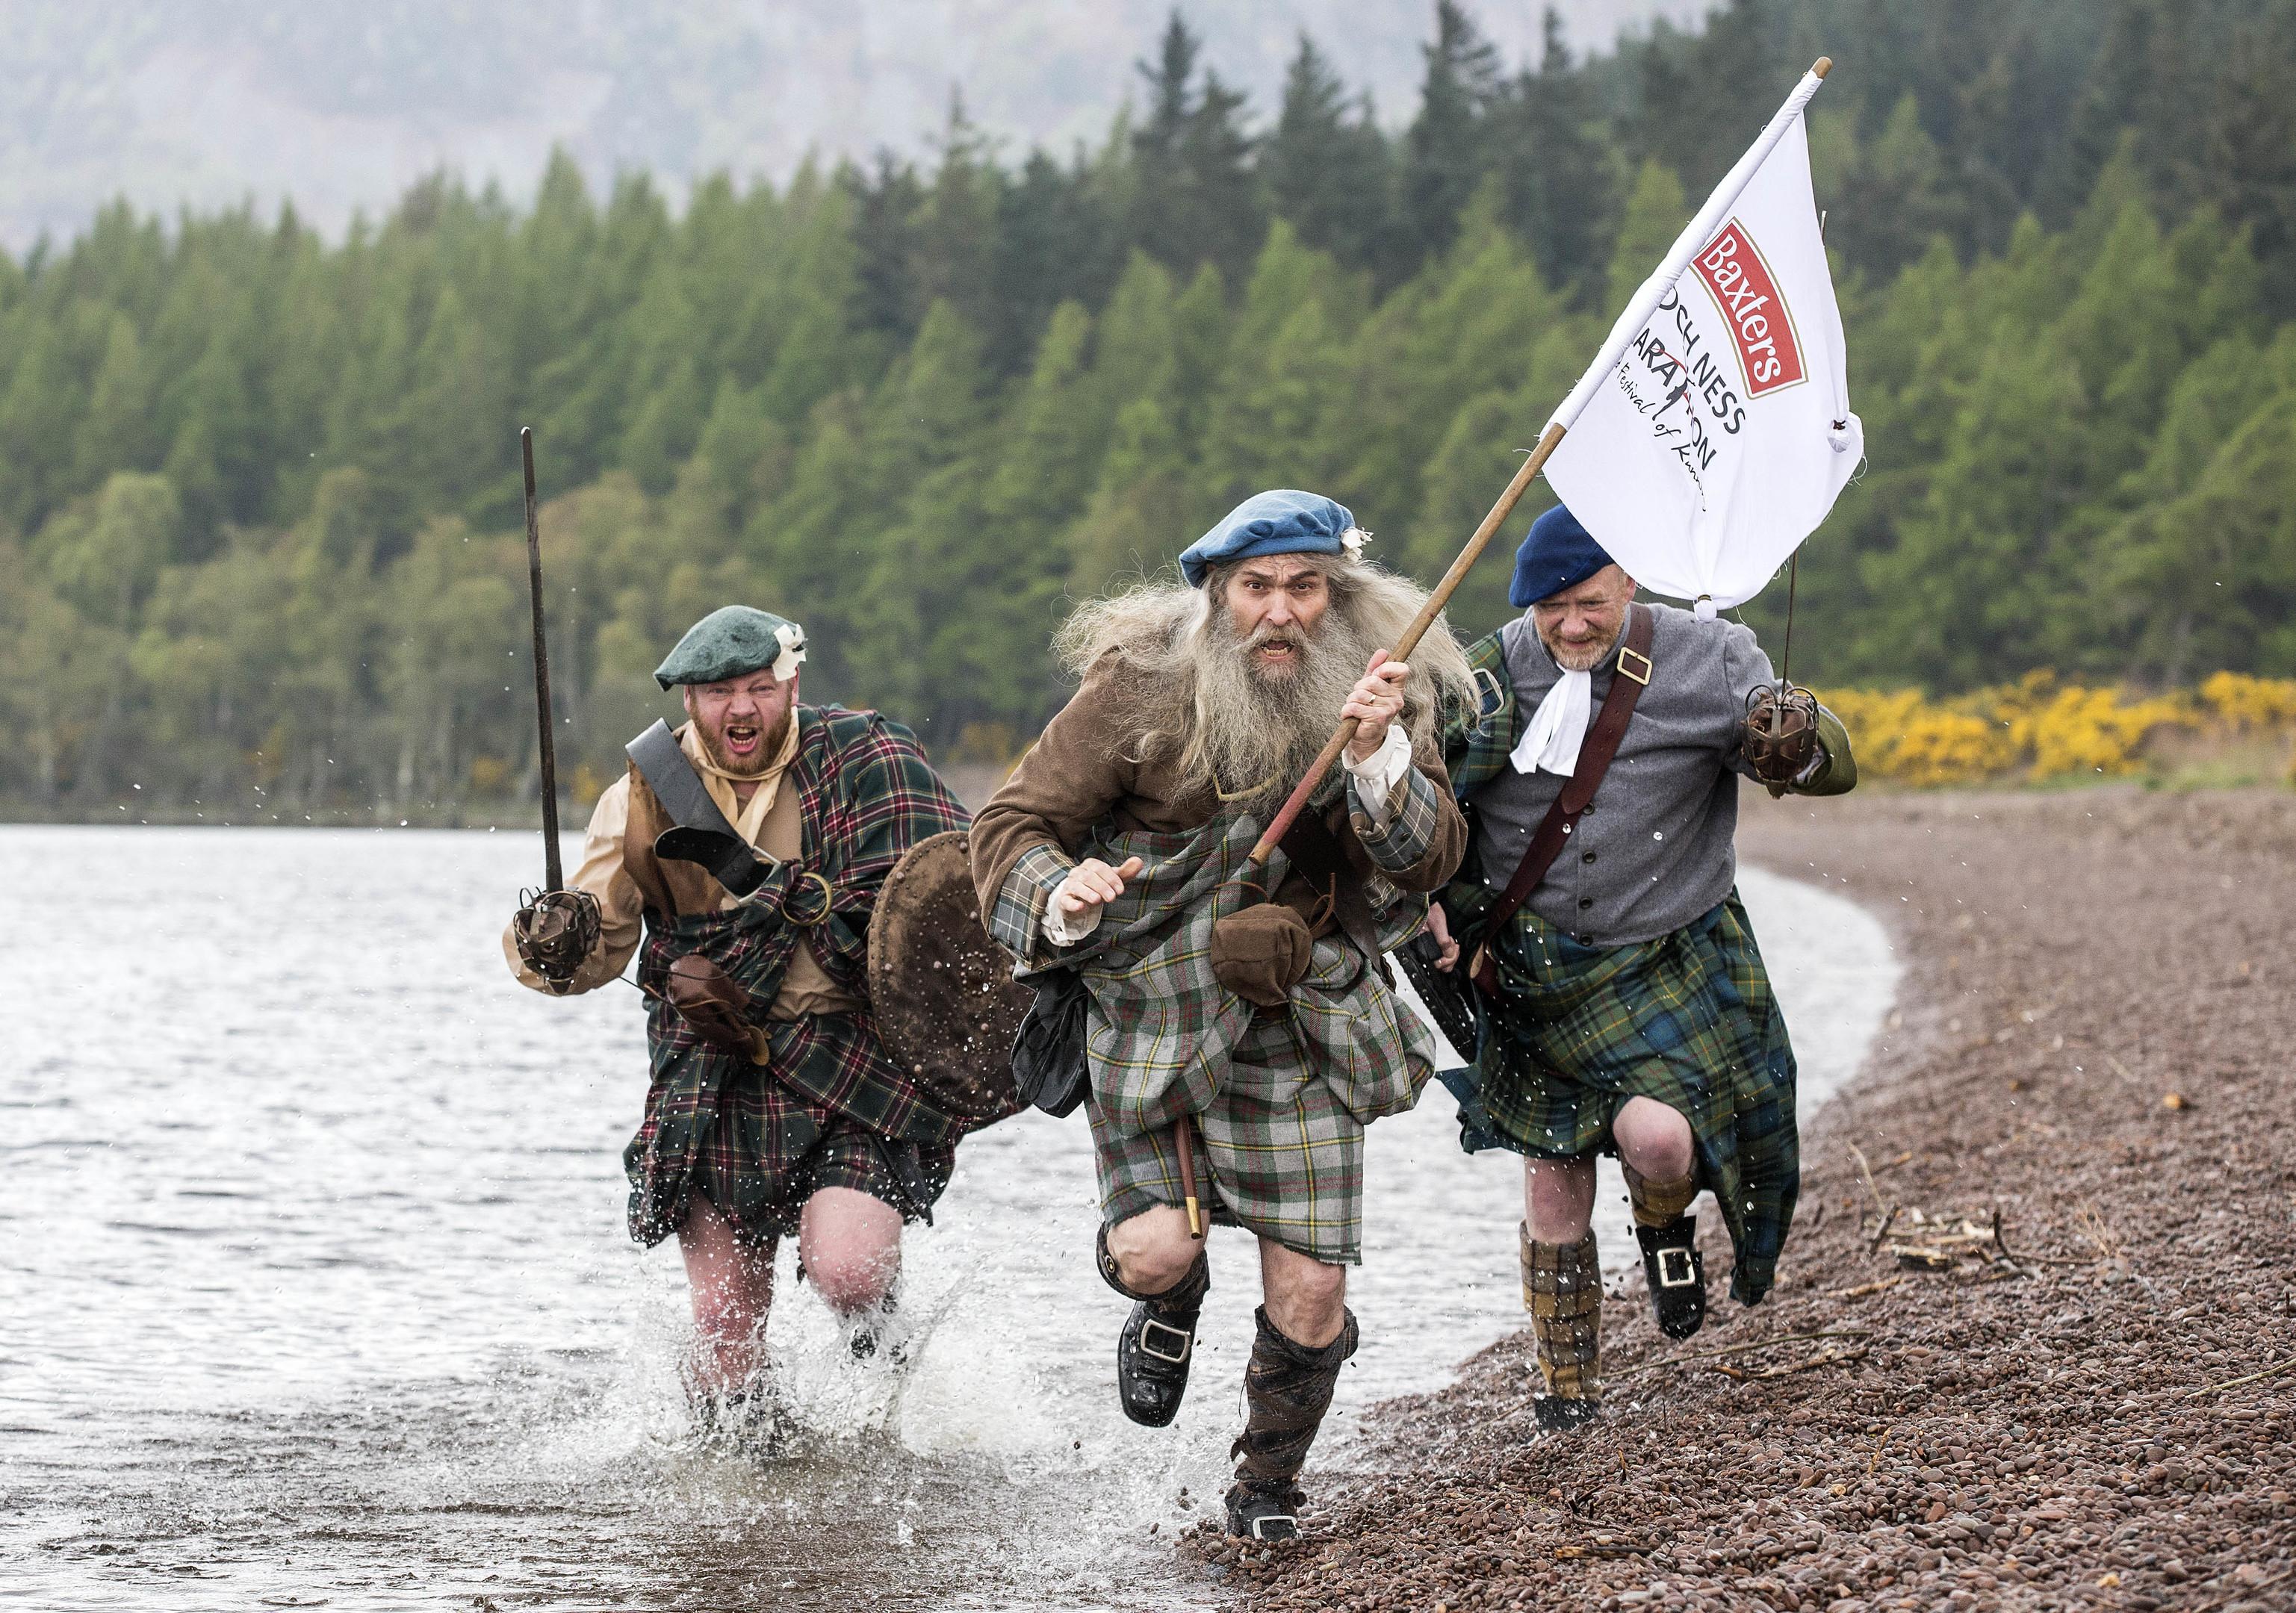 Clansmen ready for marathon challenge